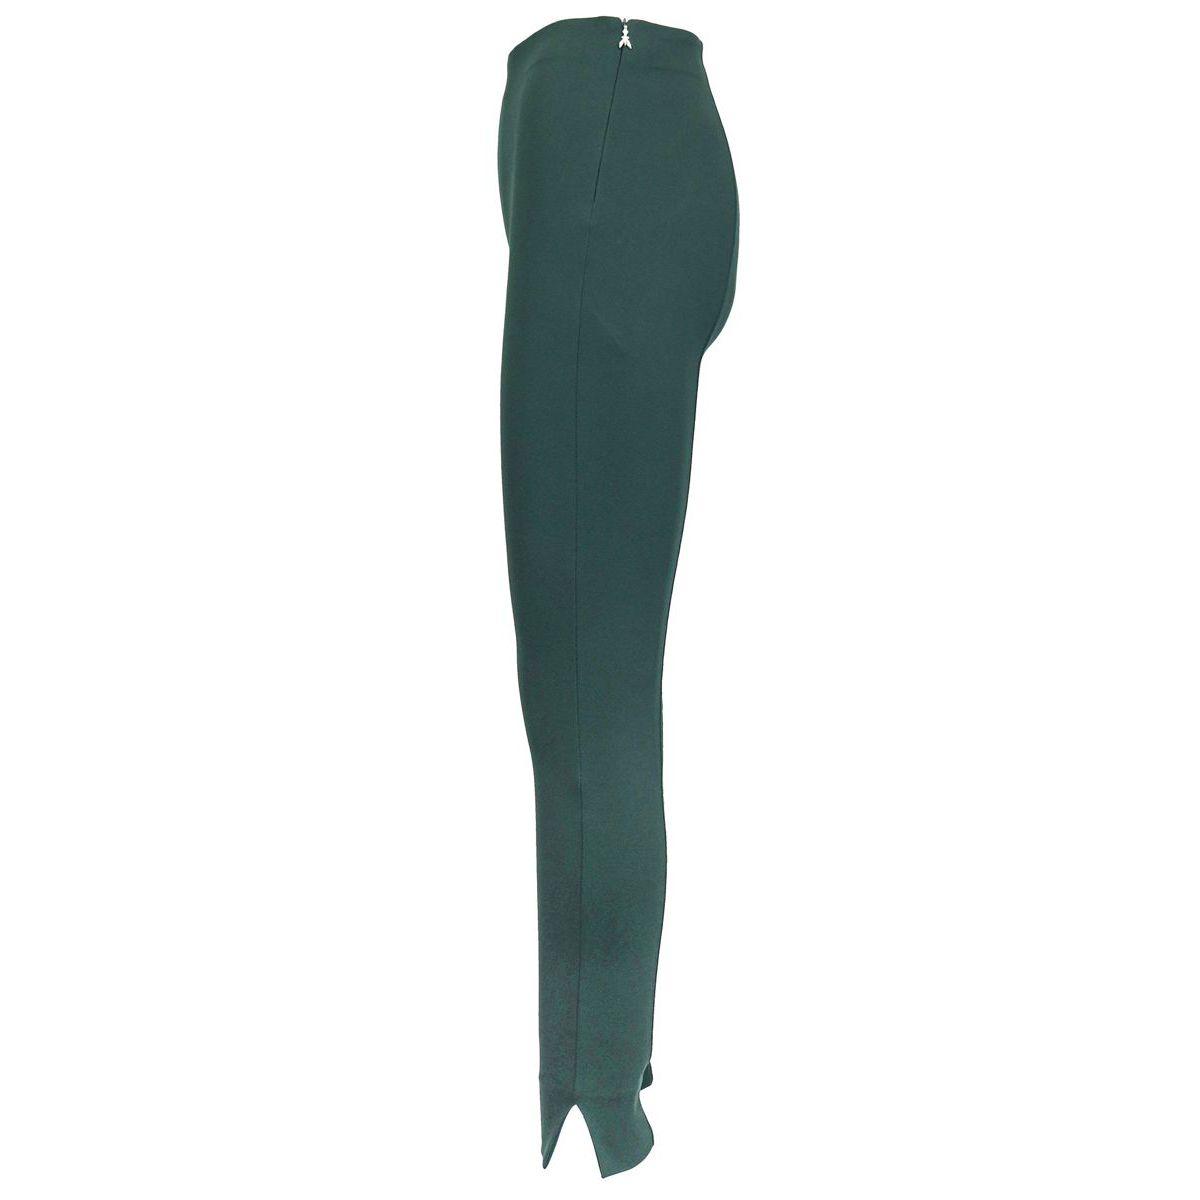 Pantalon skinny en viscose mélangée taille haute avec fentes sur le bas Bouteille verte Patrizia Pepe